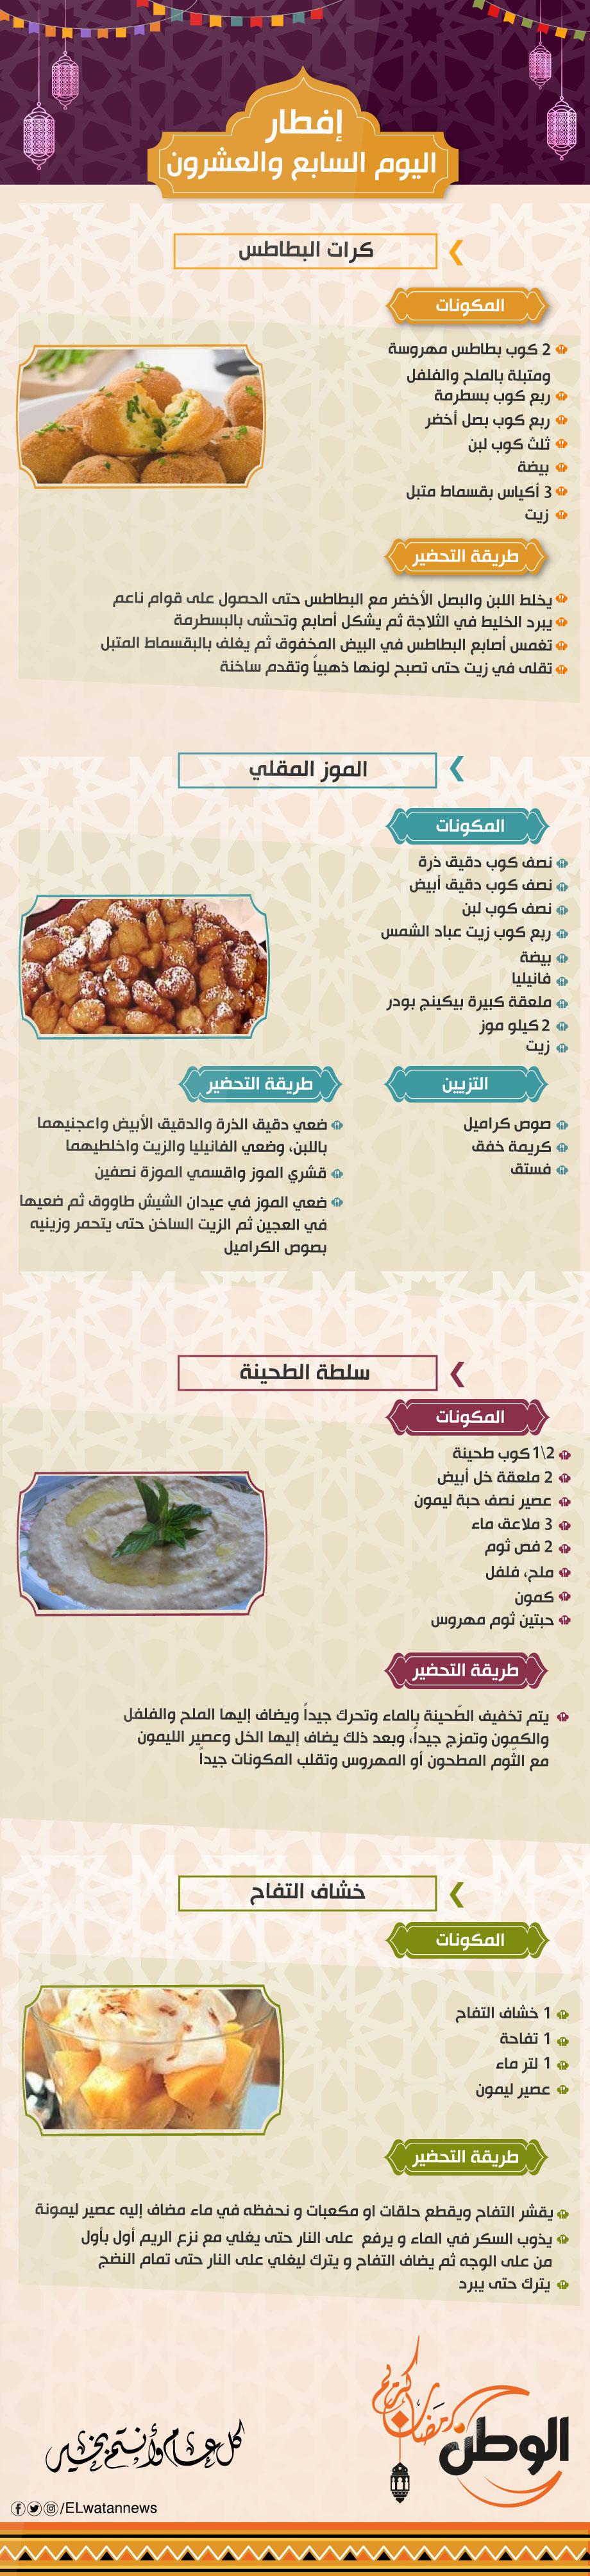 اليوم السابع والعشرون | كرات البطاطس+الموز المقلي +سلطة الطحينة+خشاف التفاح